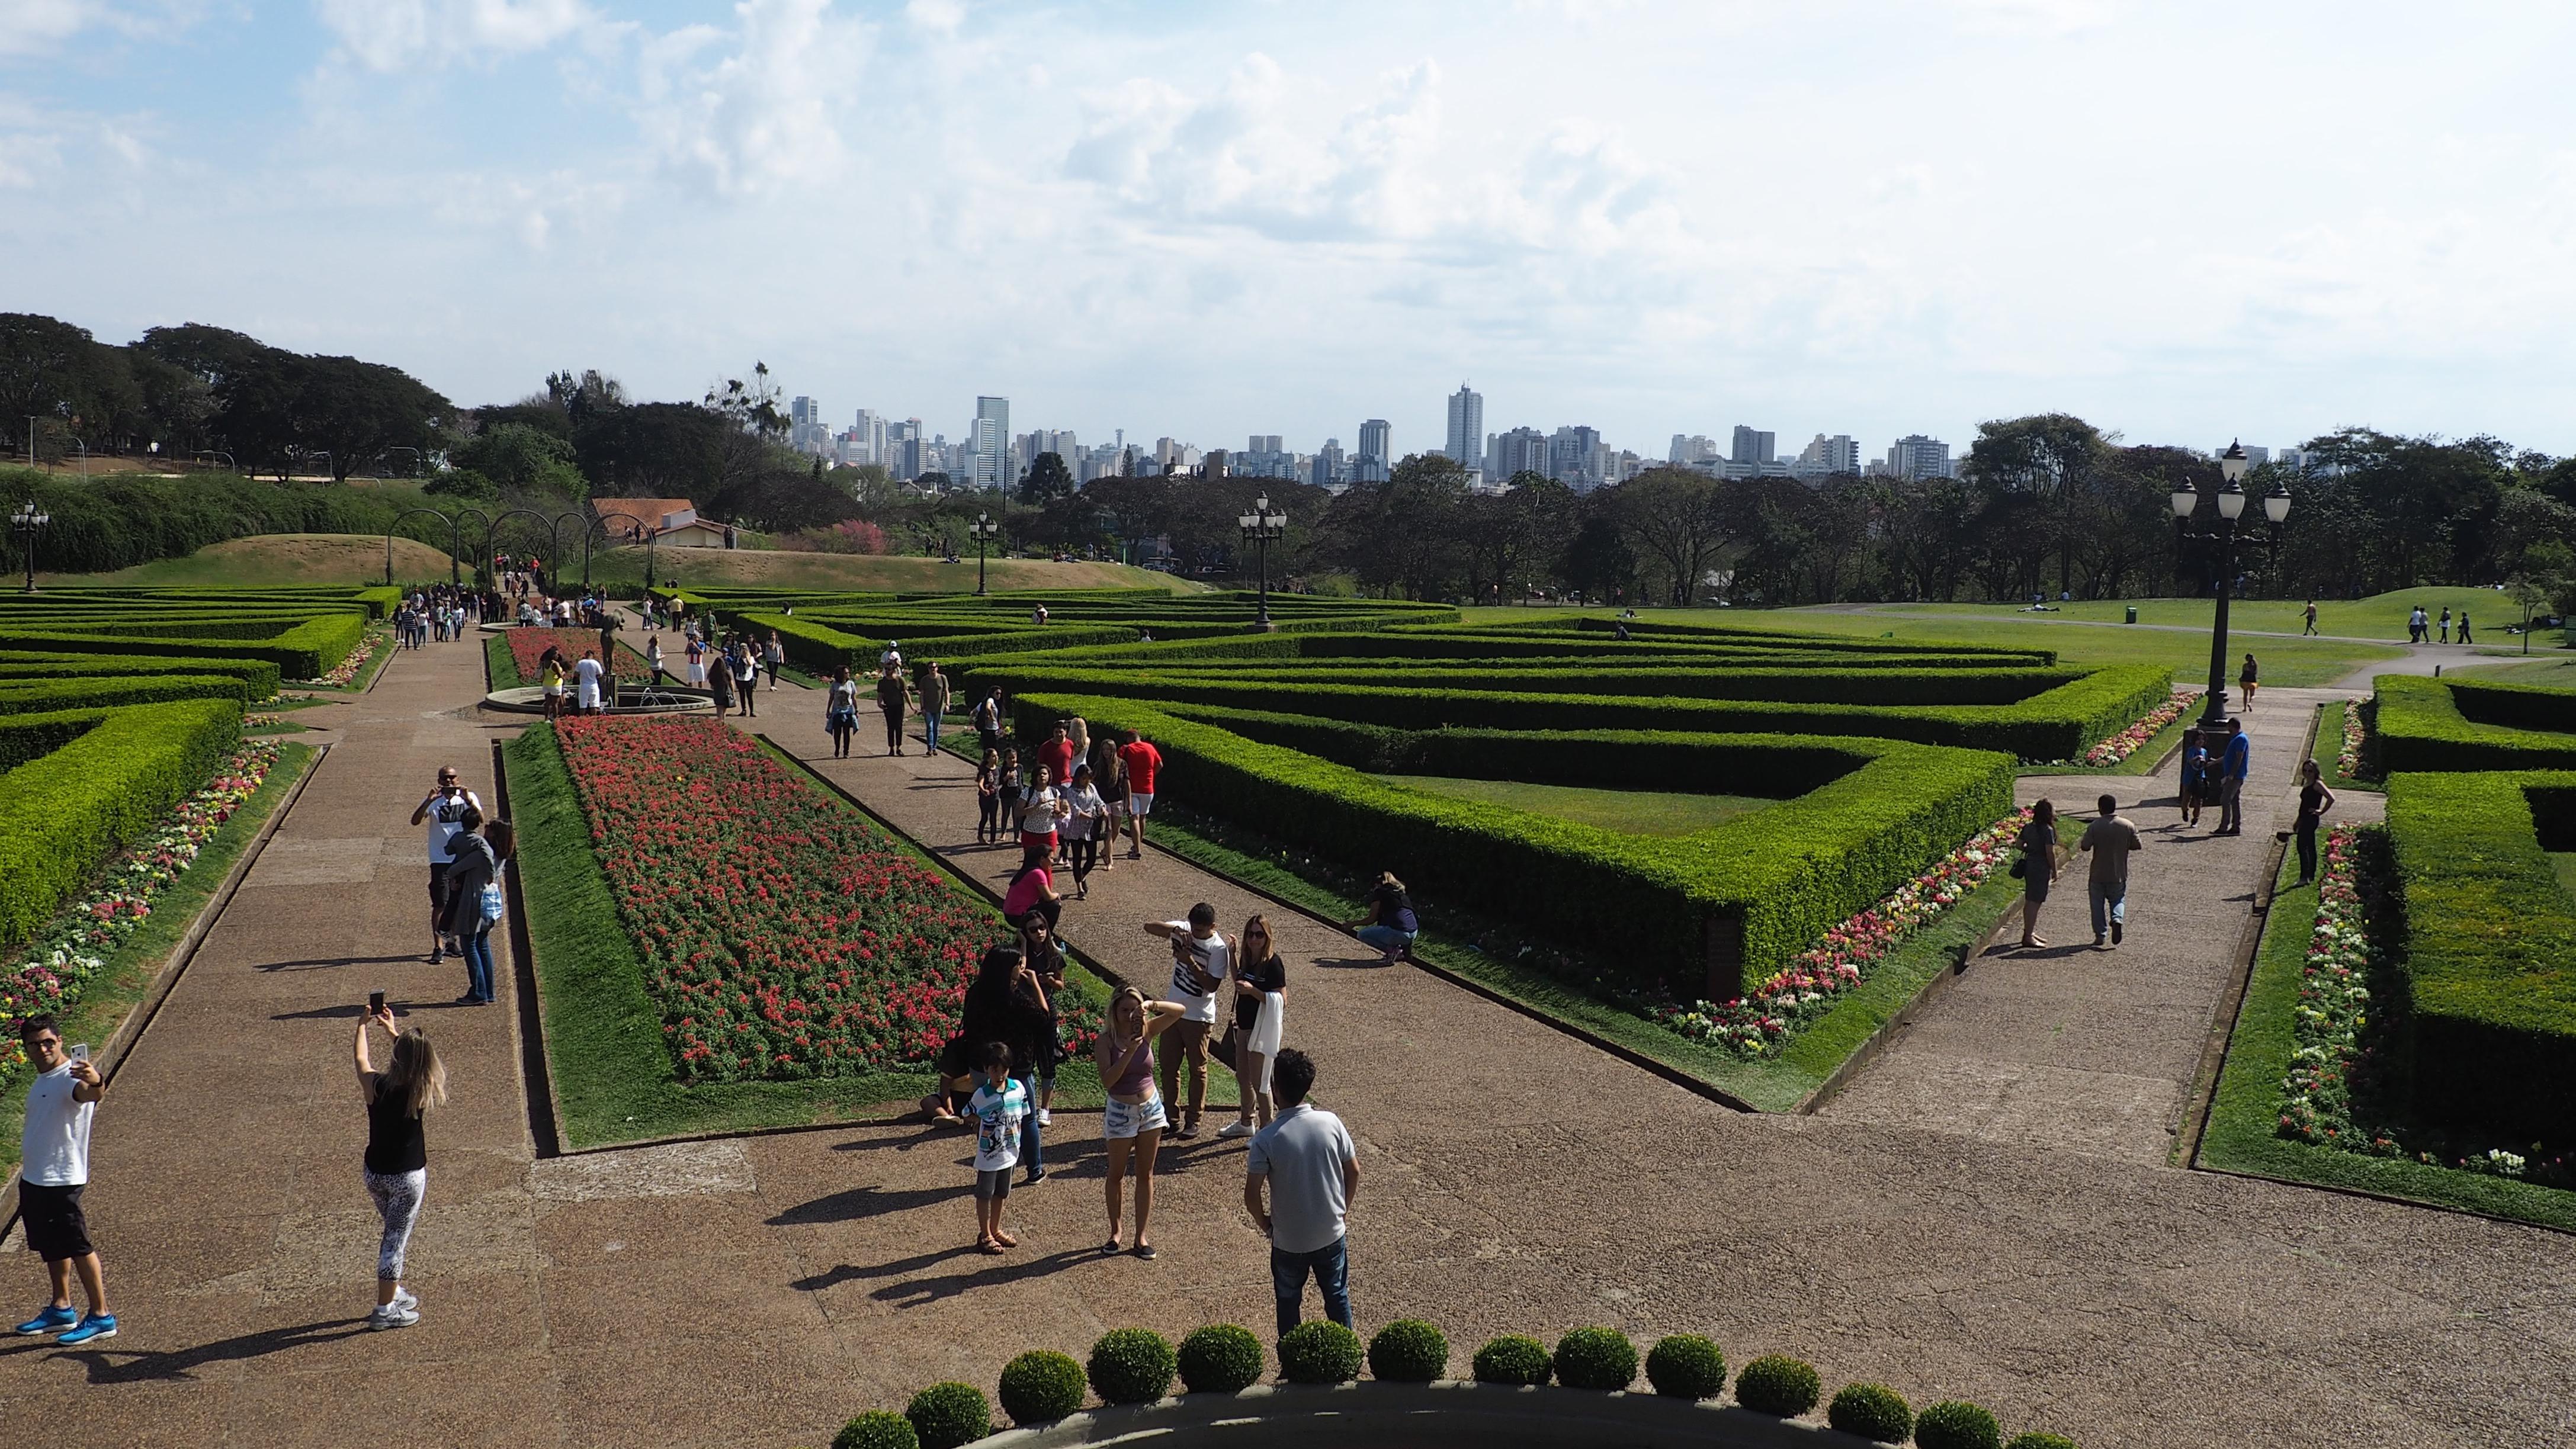 Los jardines del Jardín Botánico de Curitiba. Inspirados en los jardines de Versalles.